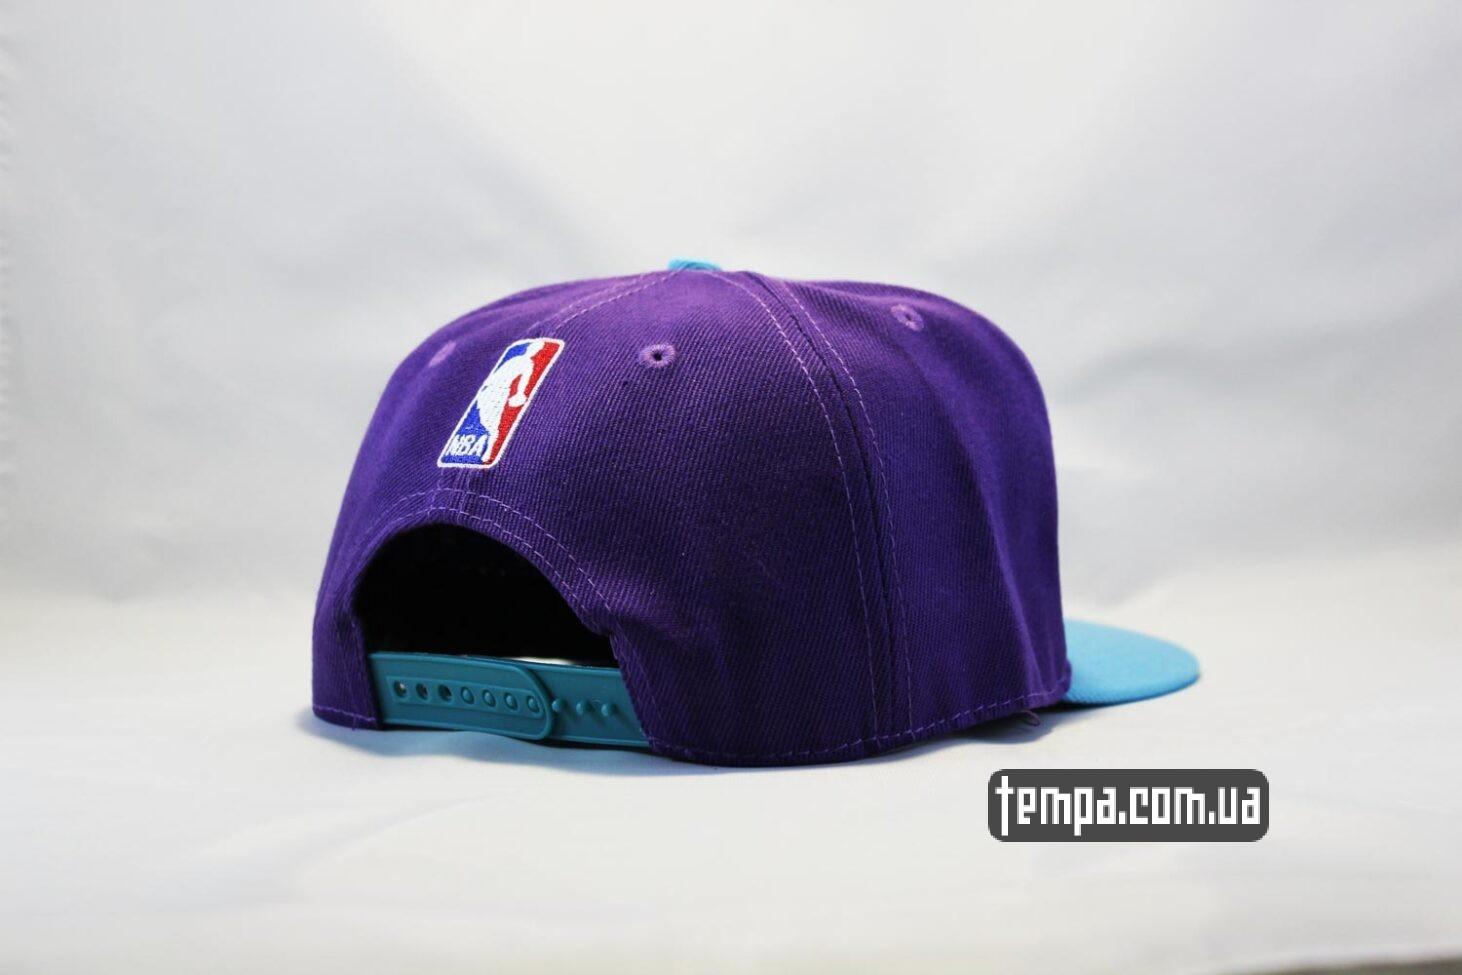 баскетбольная AND1 кепка snapback Hornets фиолетовя с осой New Era купить